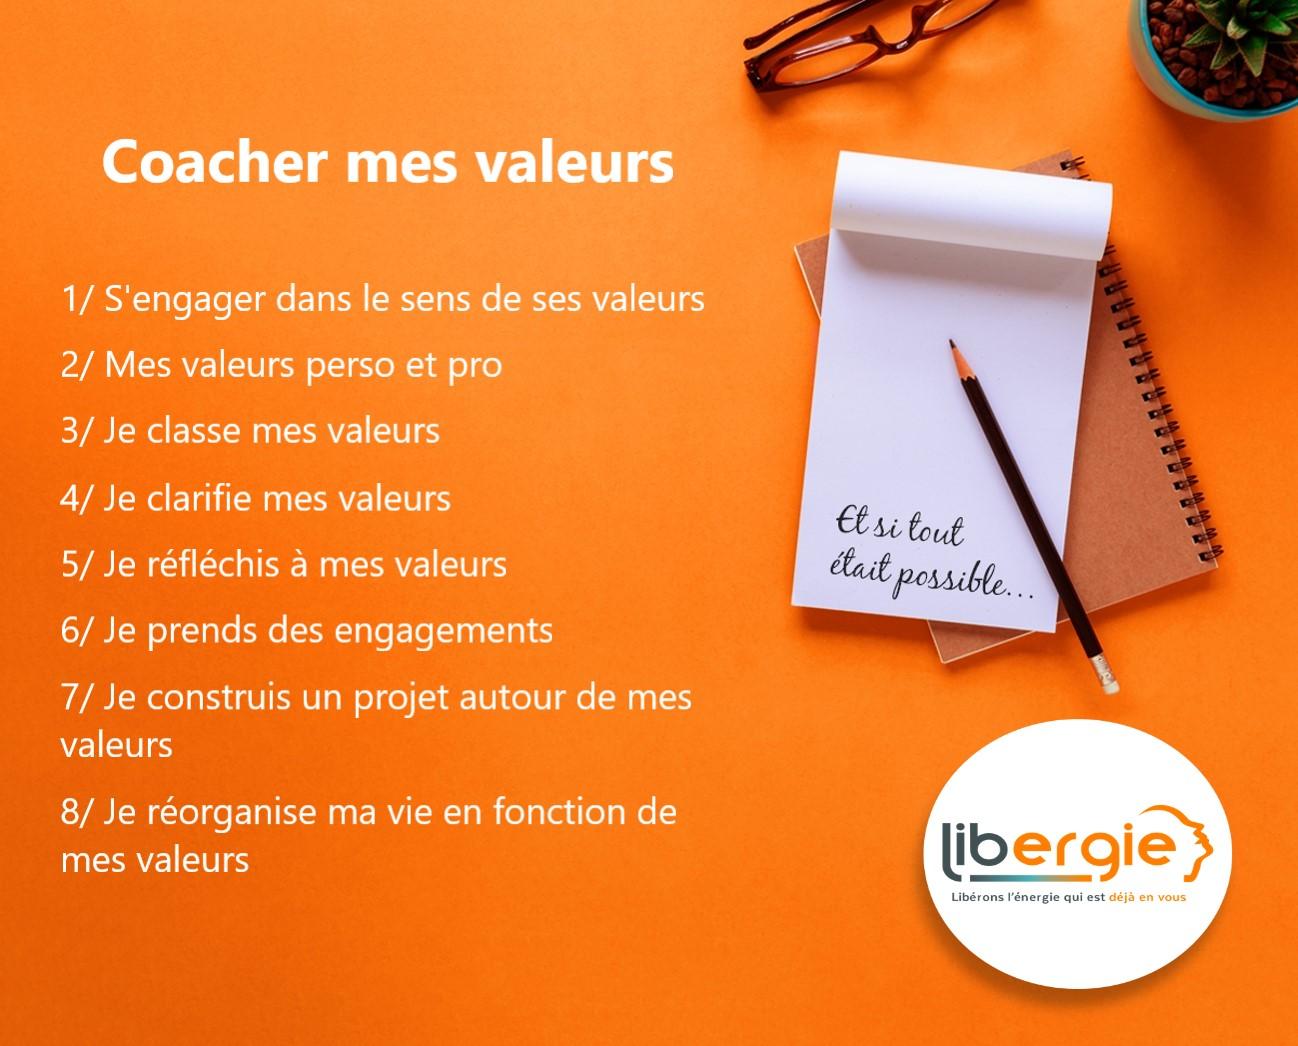 Dossier spécial « Coacher ses valeurs personnelles et professionnelles » 3/3